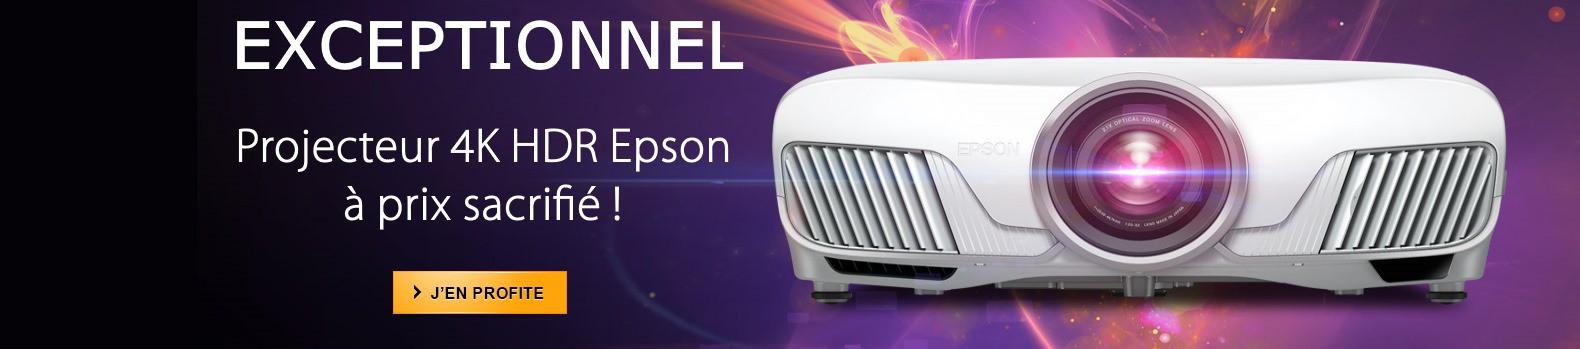 Découvrez notre promotion sur le projecteur 4K HDR Epson EH-TW7300